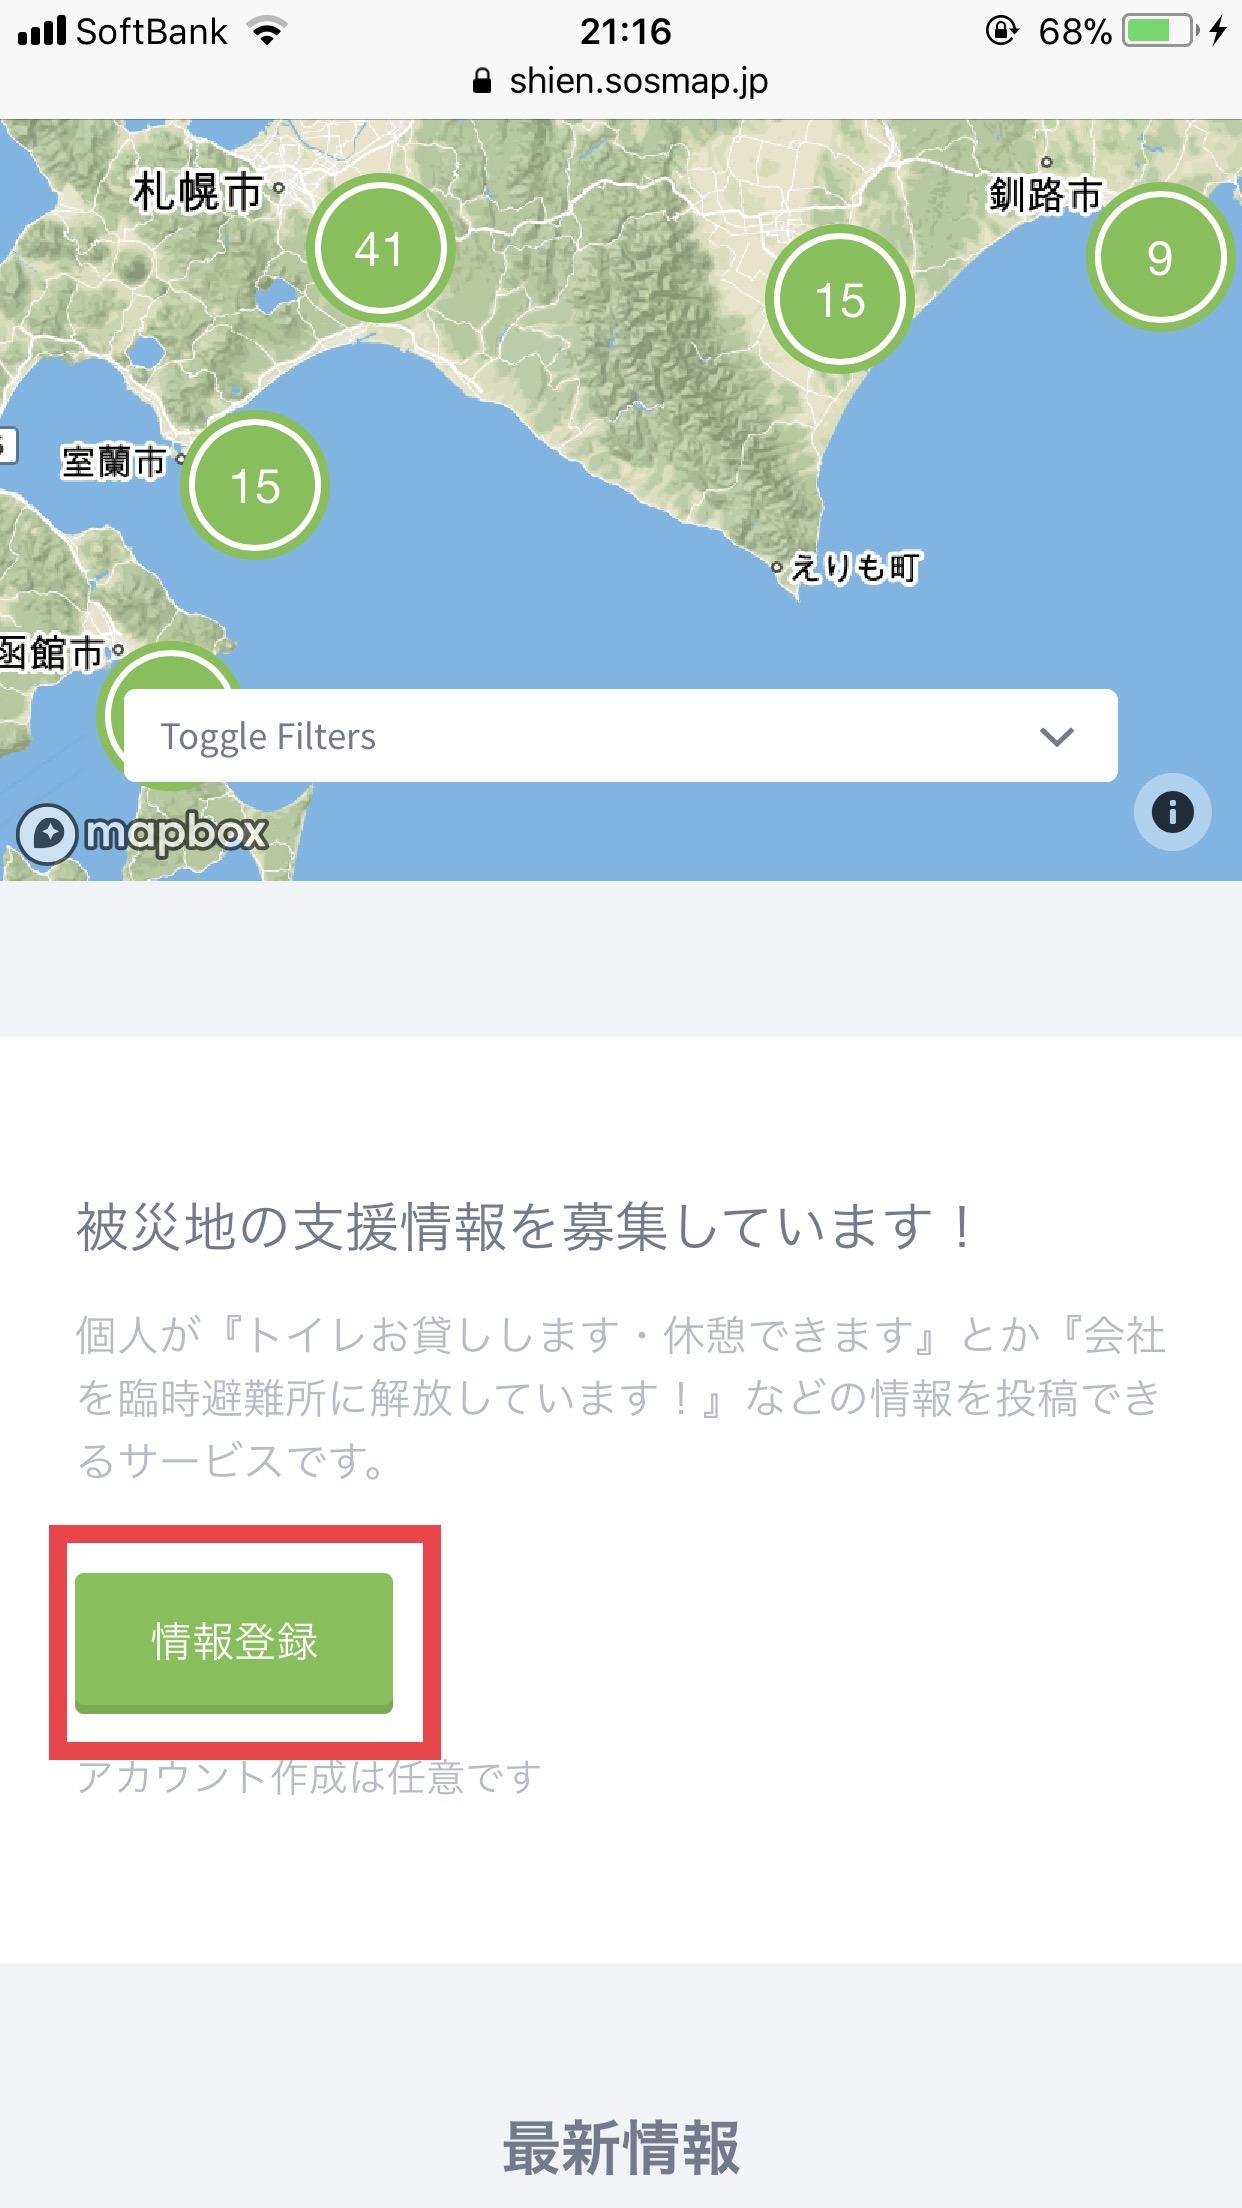 北海道地震支援マップの情報登録ボタン